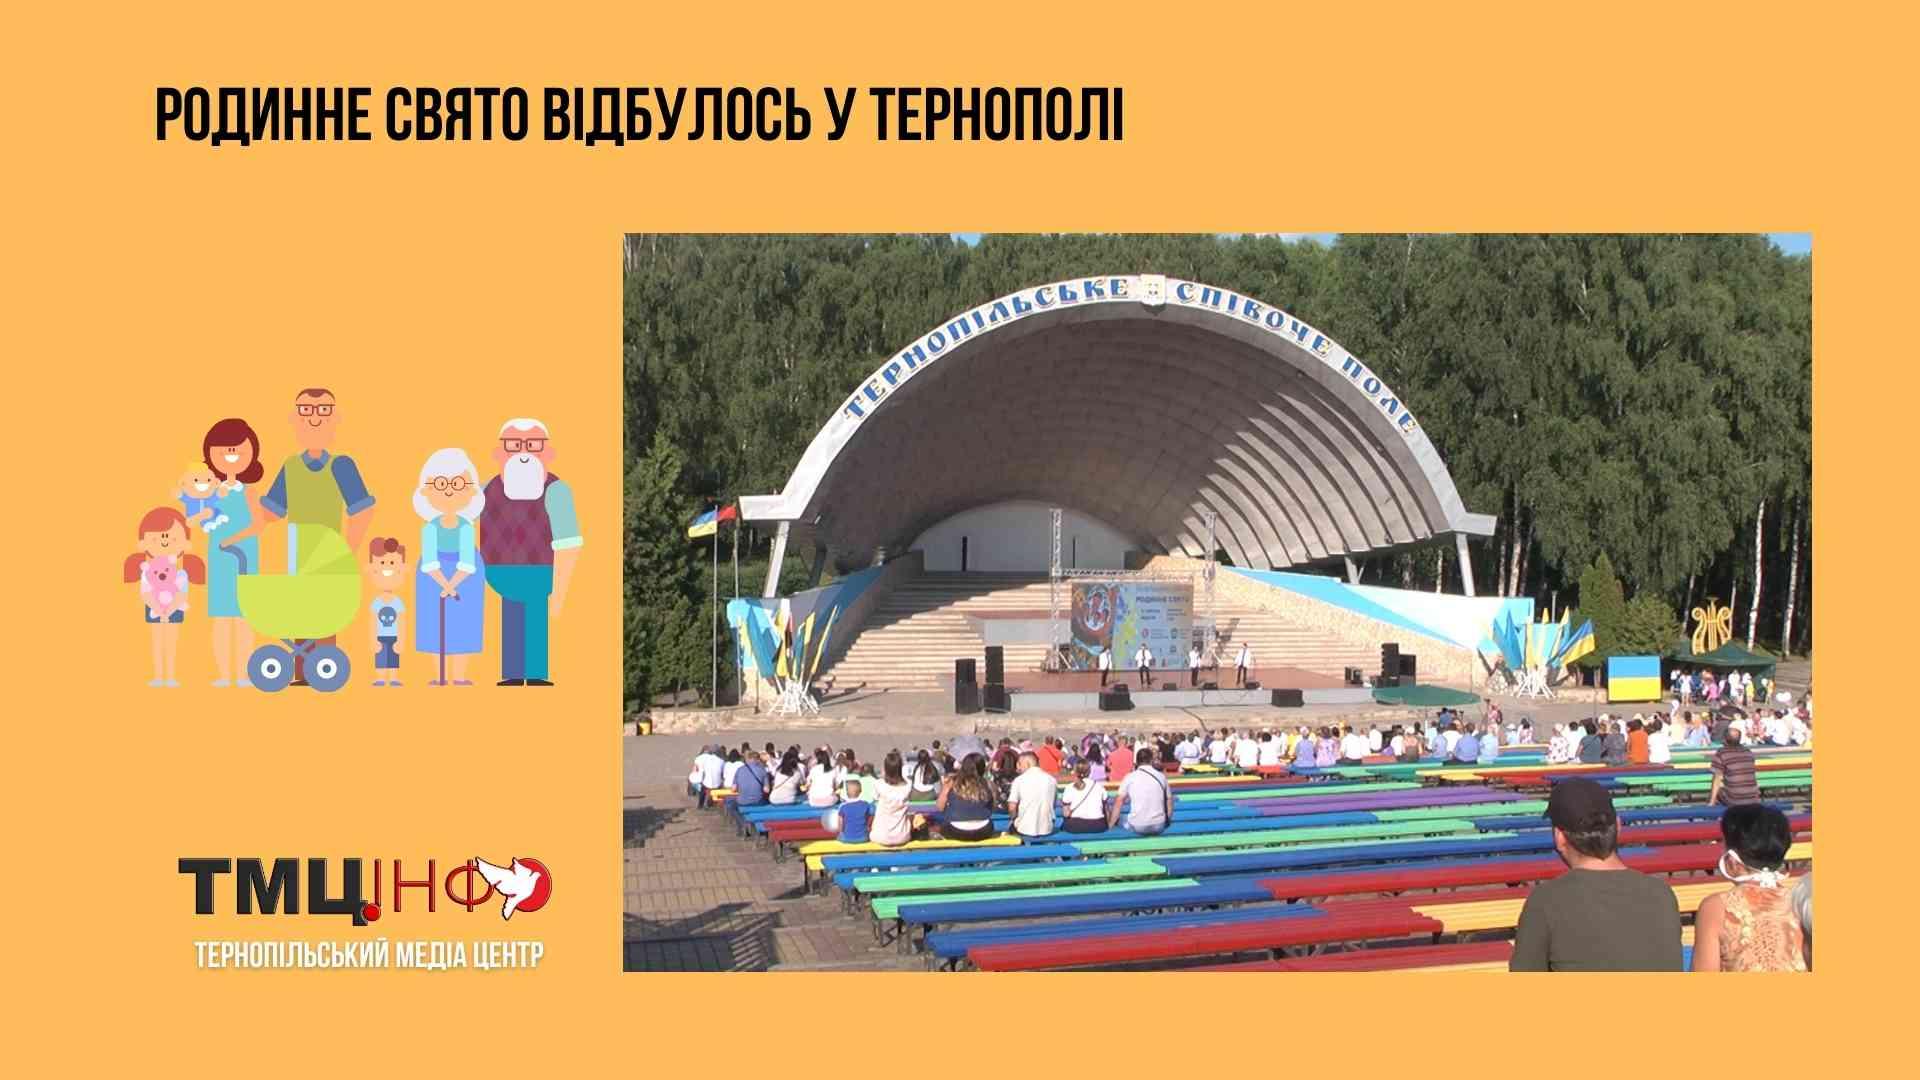 Родинне свято відбулось у Тернополі